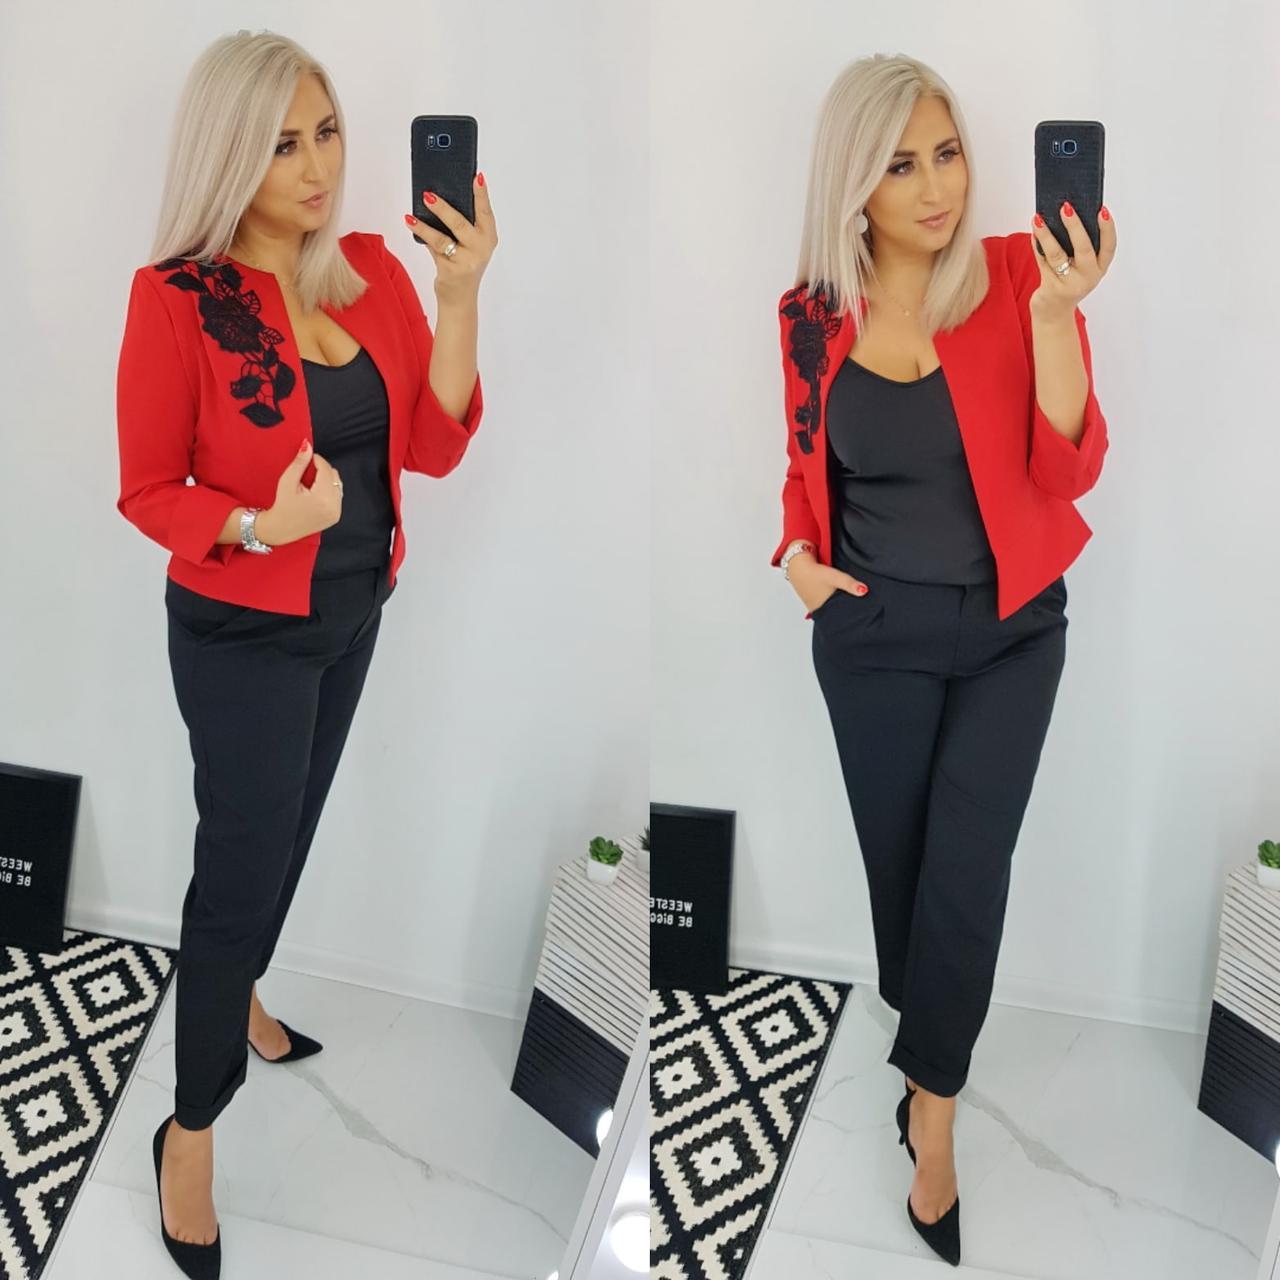 Женский деловой брючный костюм: классические черные штаны и жакет с кружевным цветком, батал большие размеры